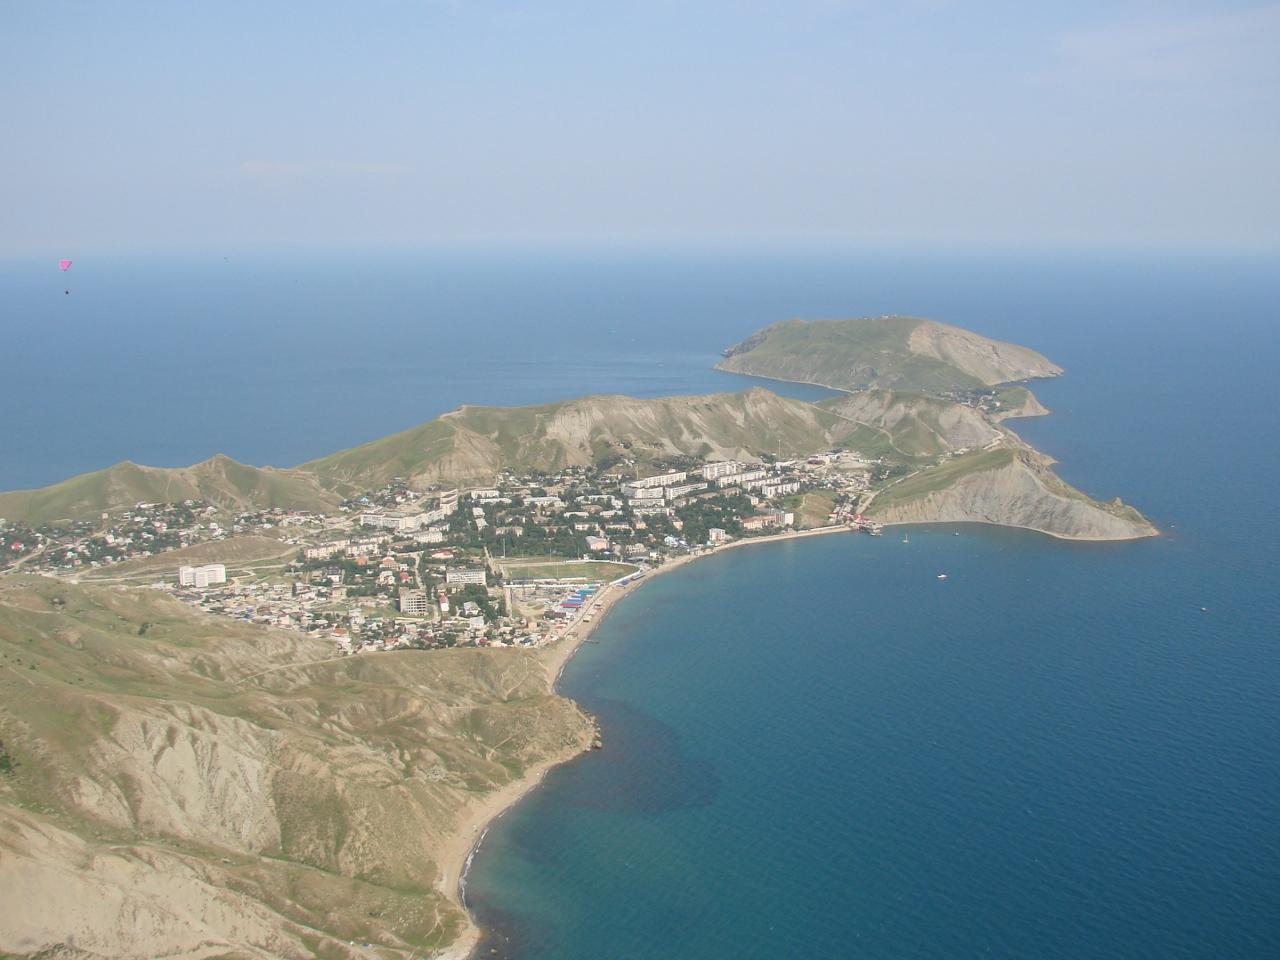 За Крым и безопасность Ve0ydu